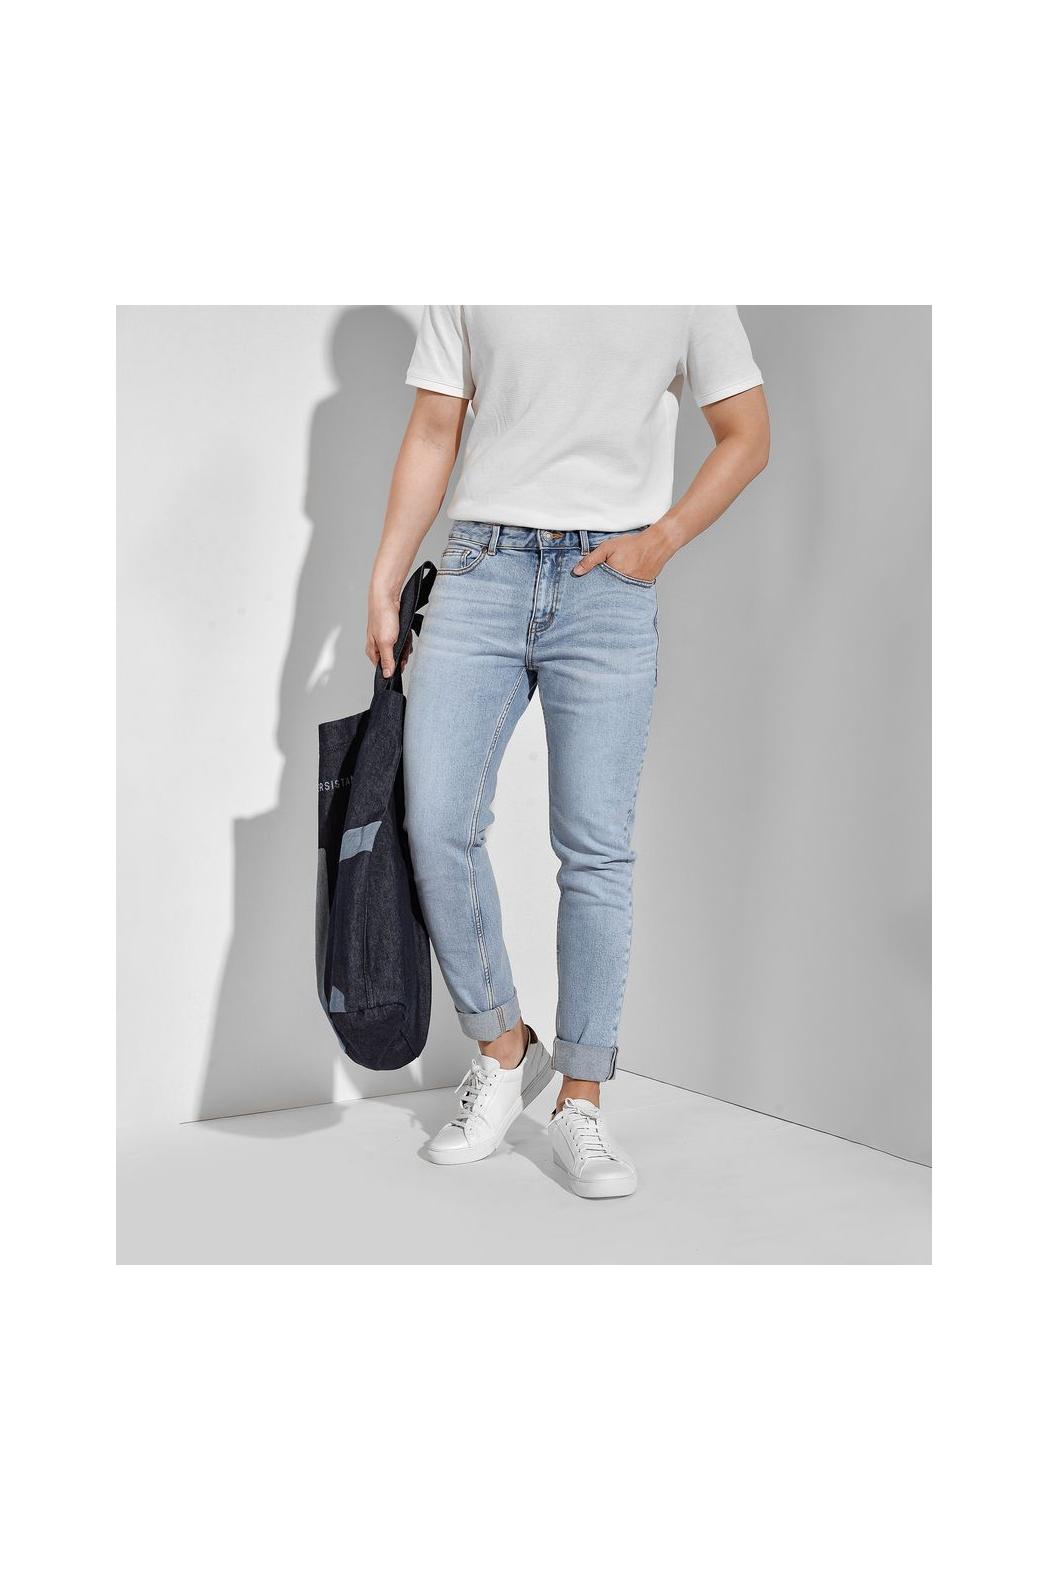 Quần Jean trơn. Cotton. SKINNY form - 10F20DPA062